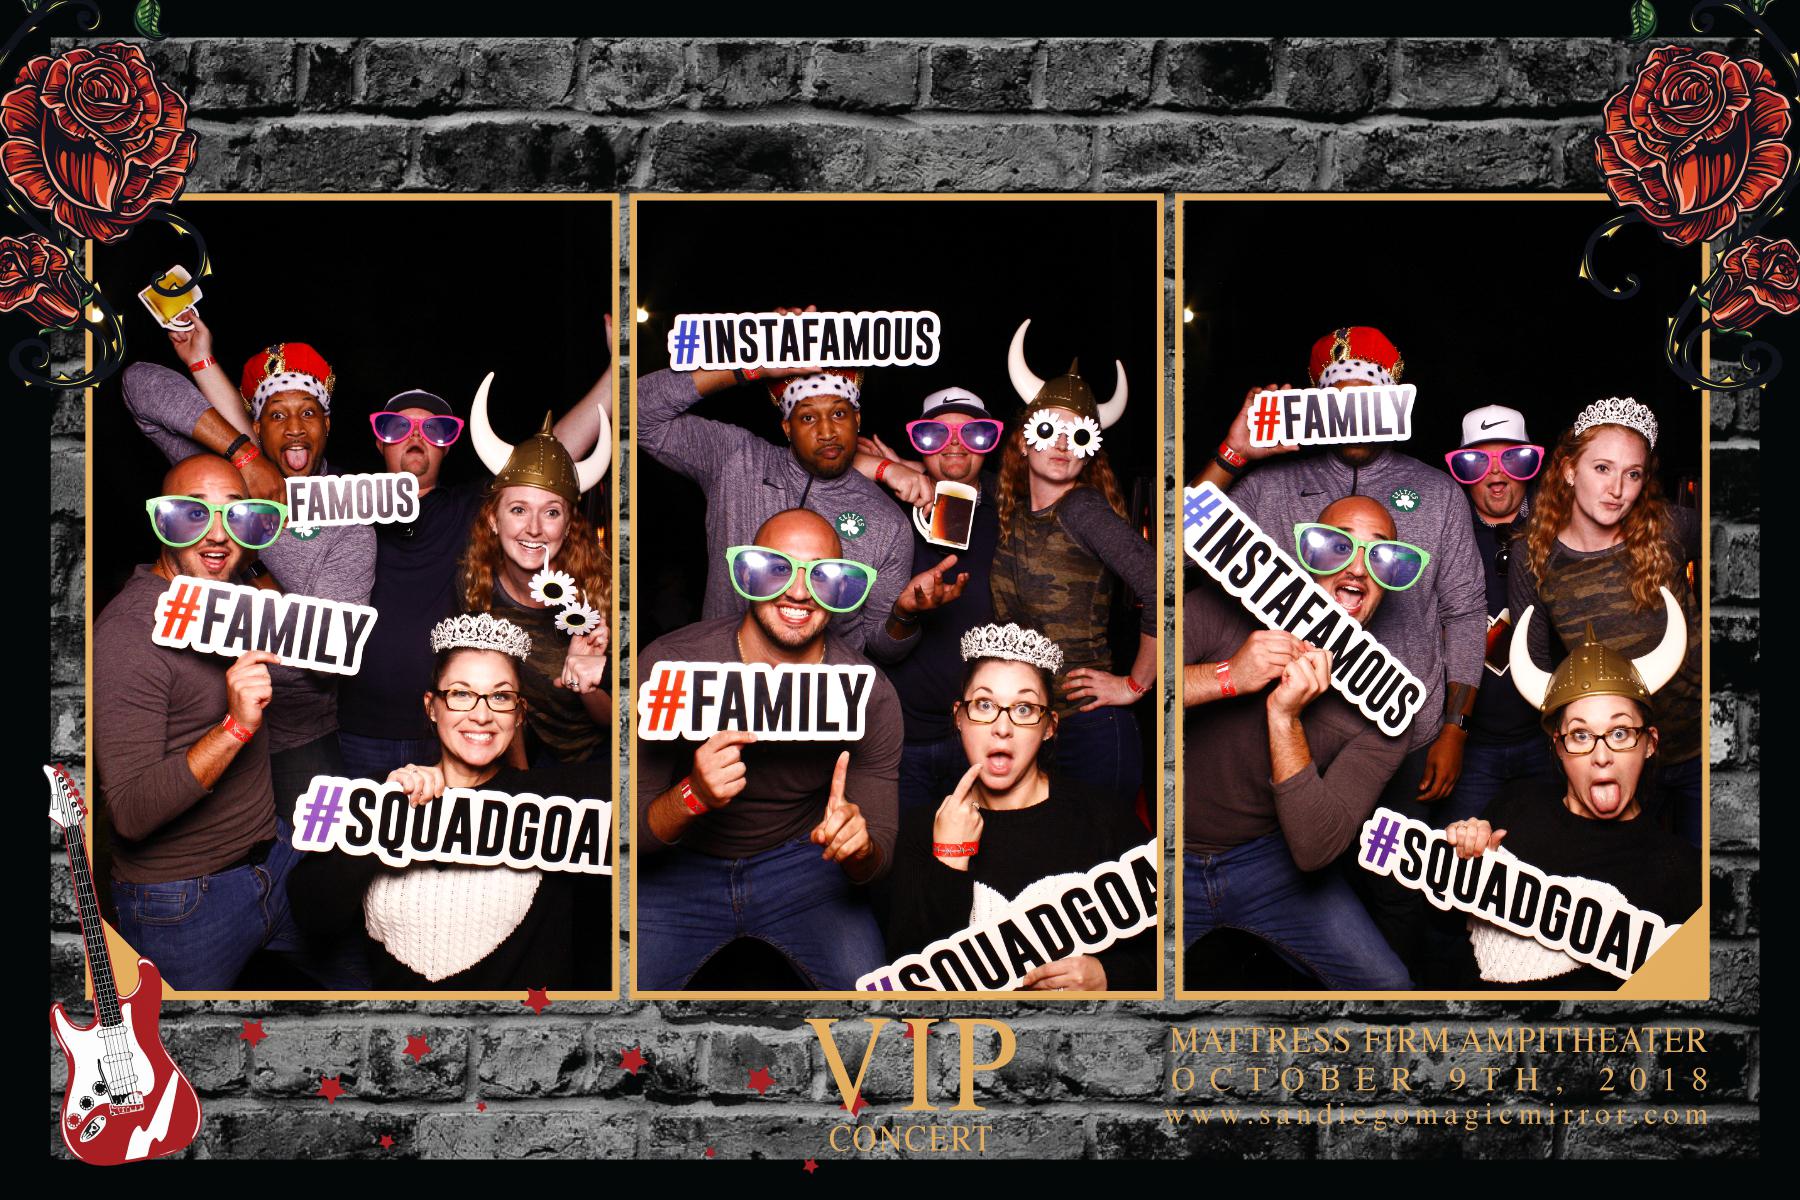 San Diego Magic Mirror Photo Booth VIP Party